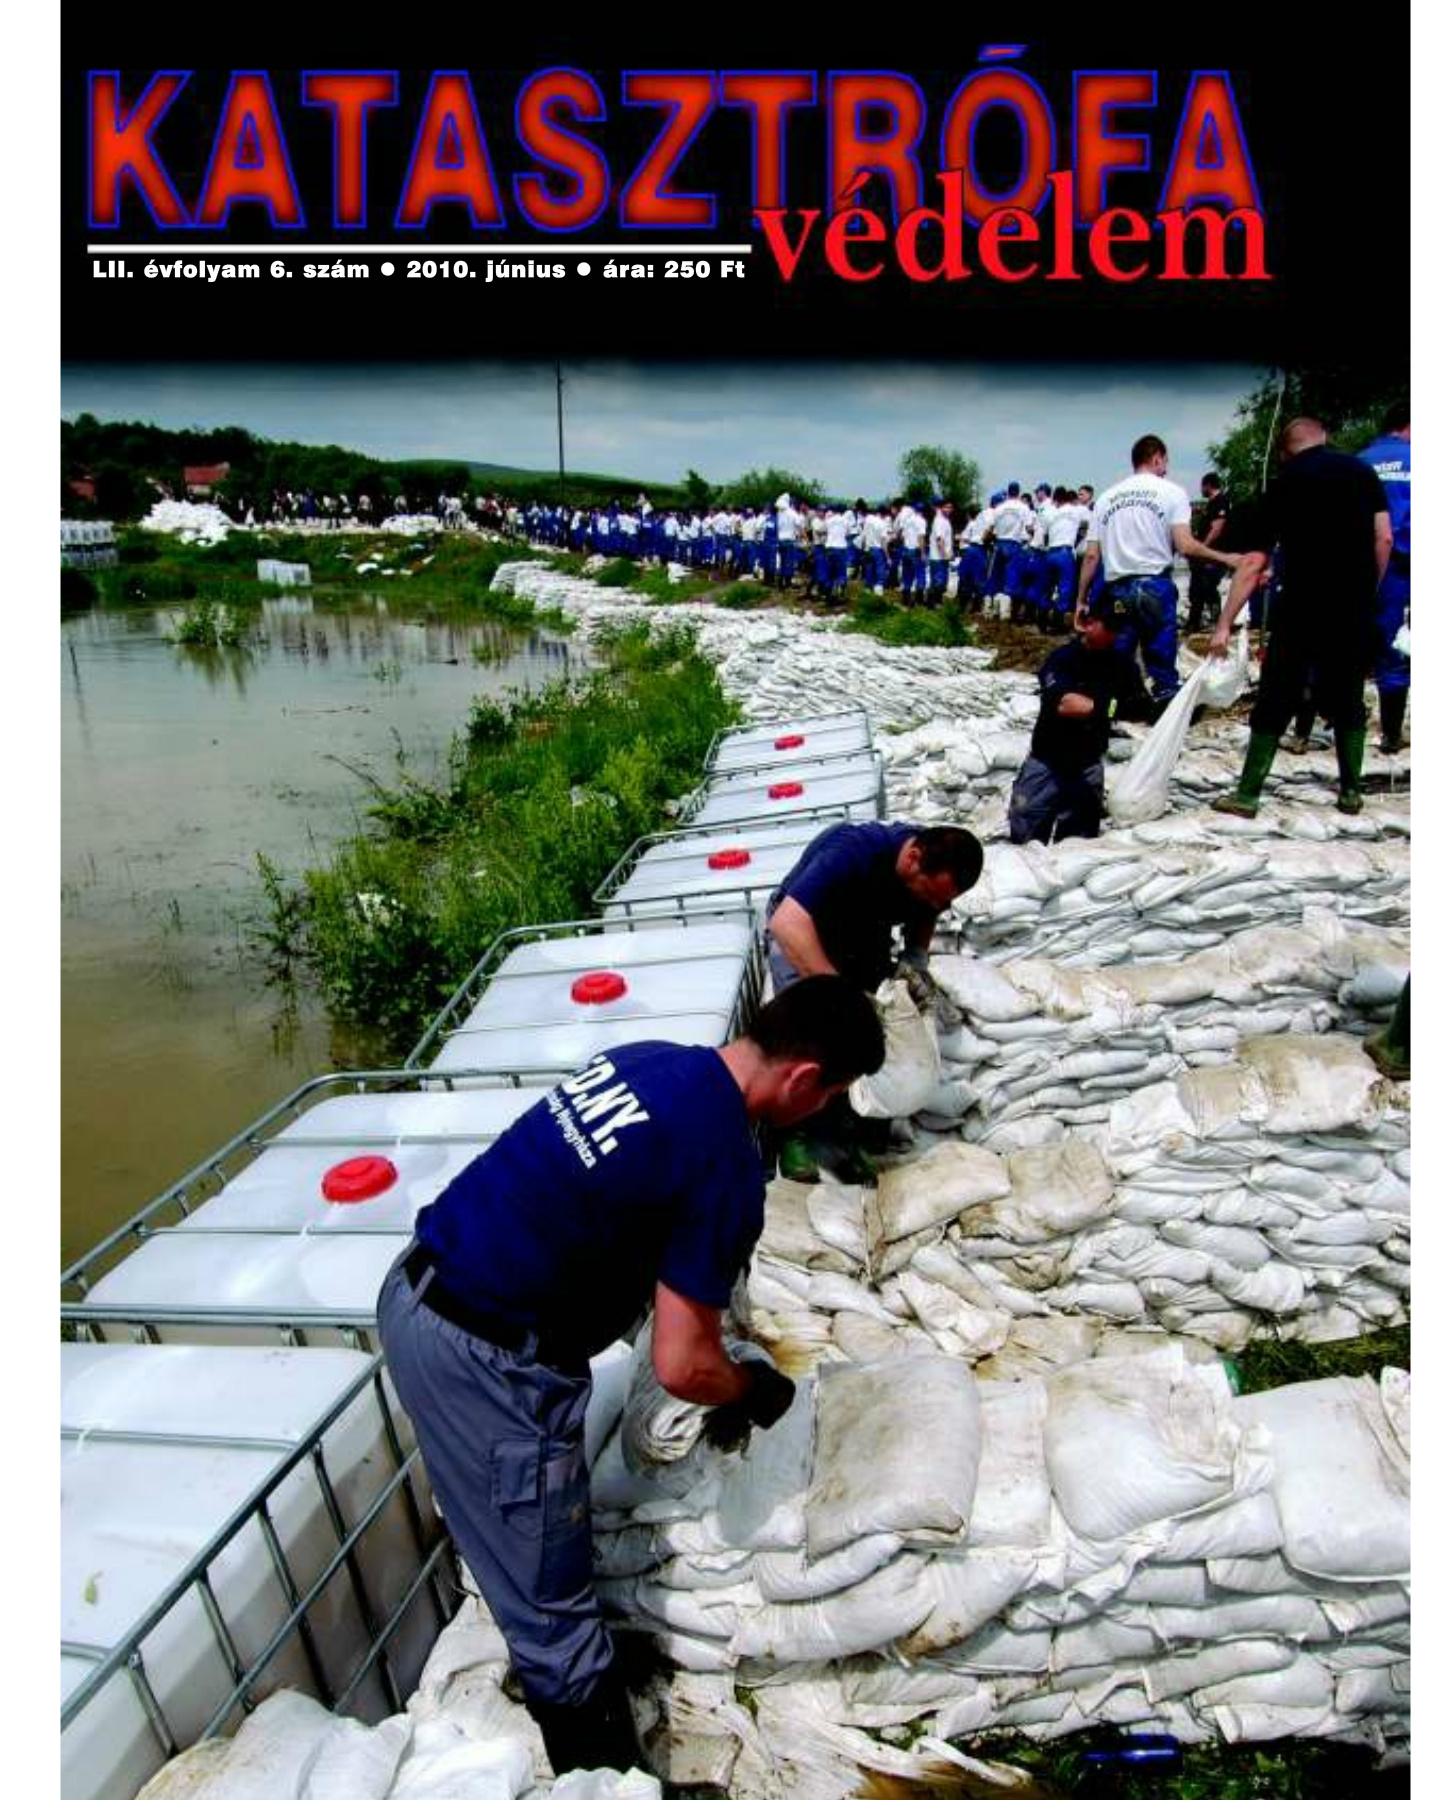 A Katasztrófavédelem magazin LII. évfolyam 6. szám megtekintése